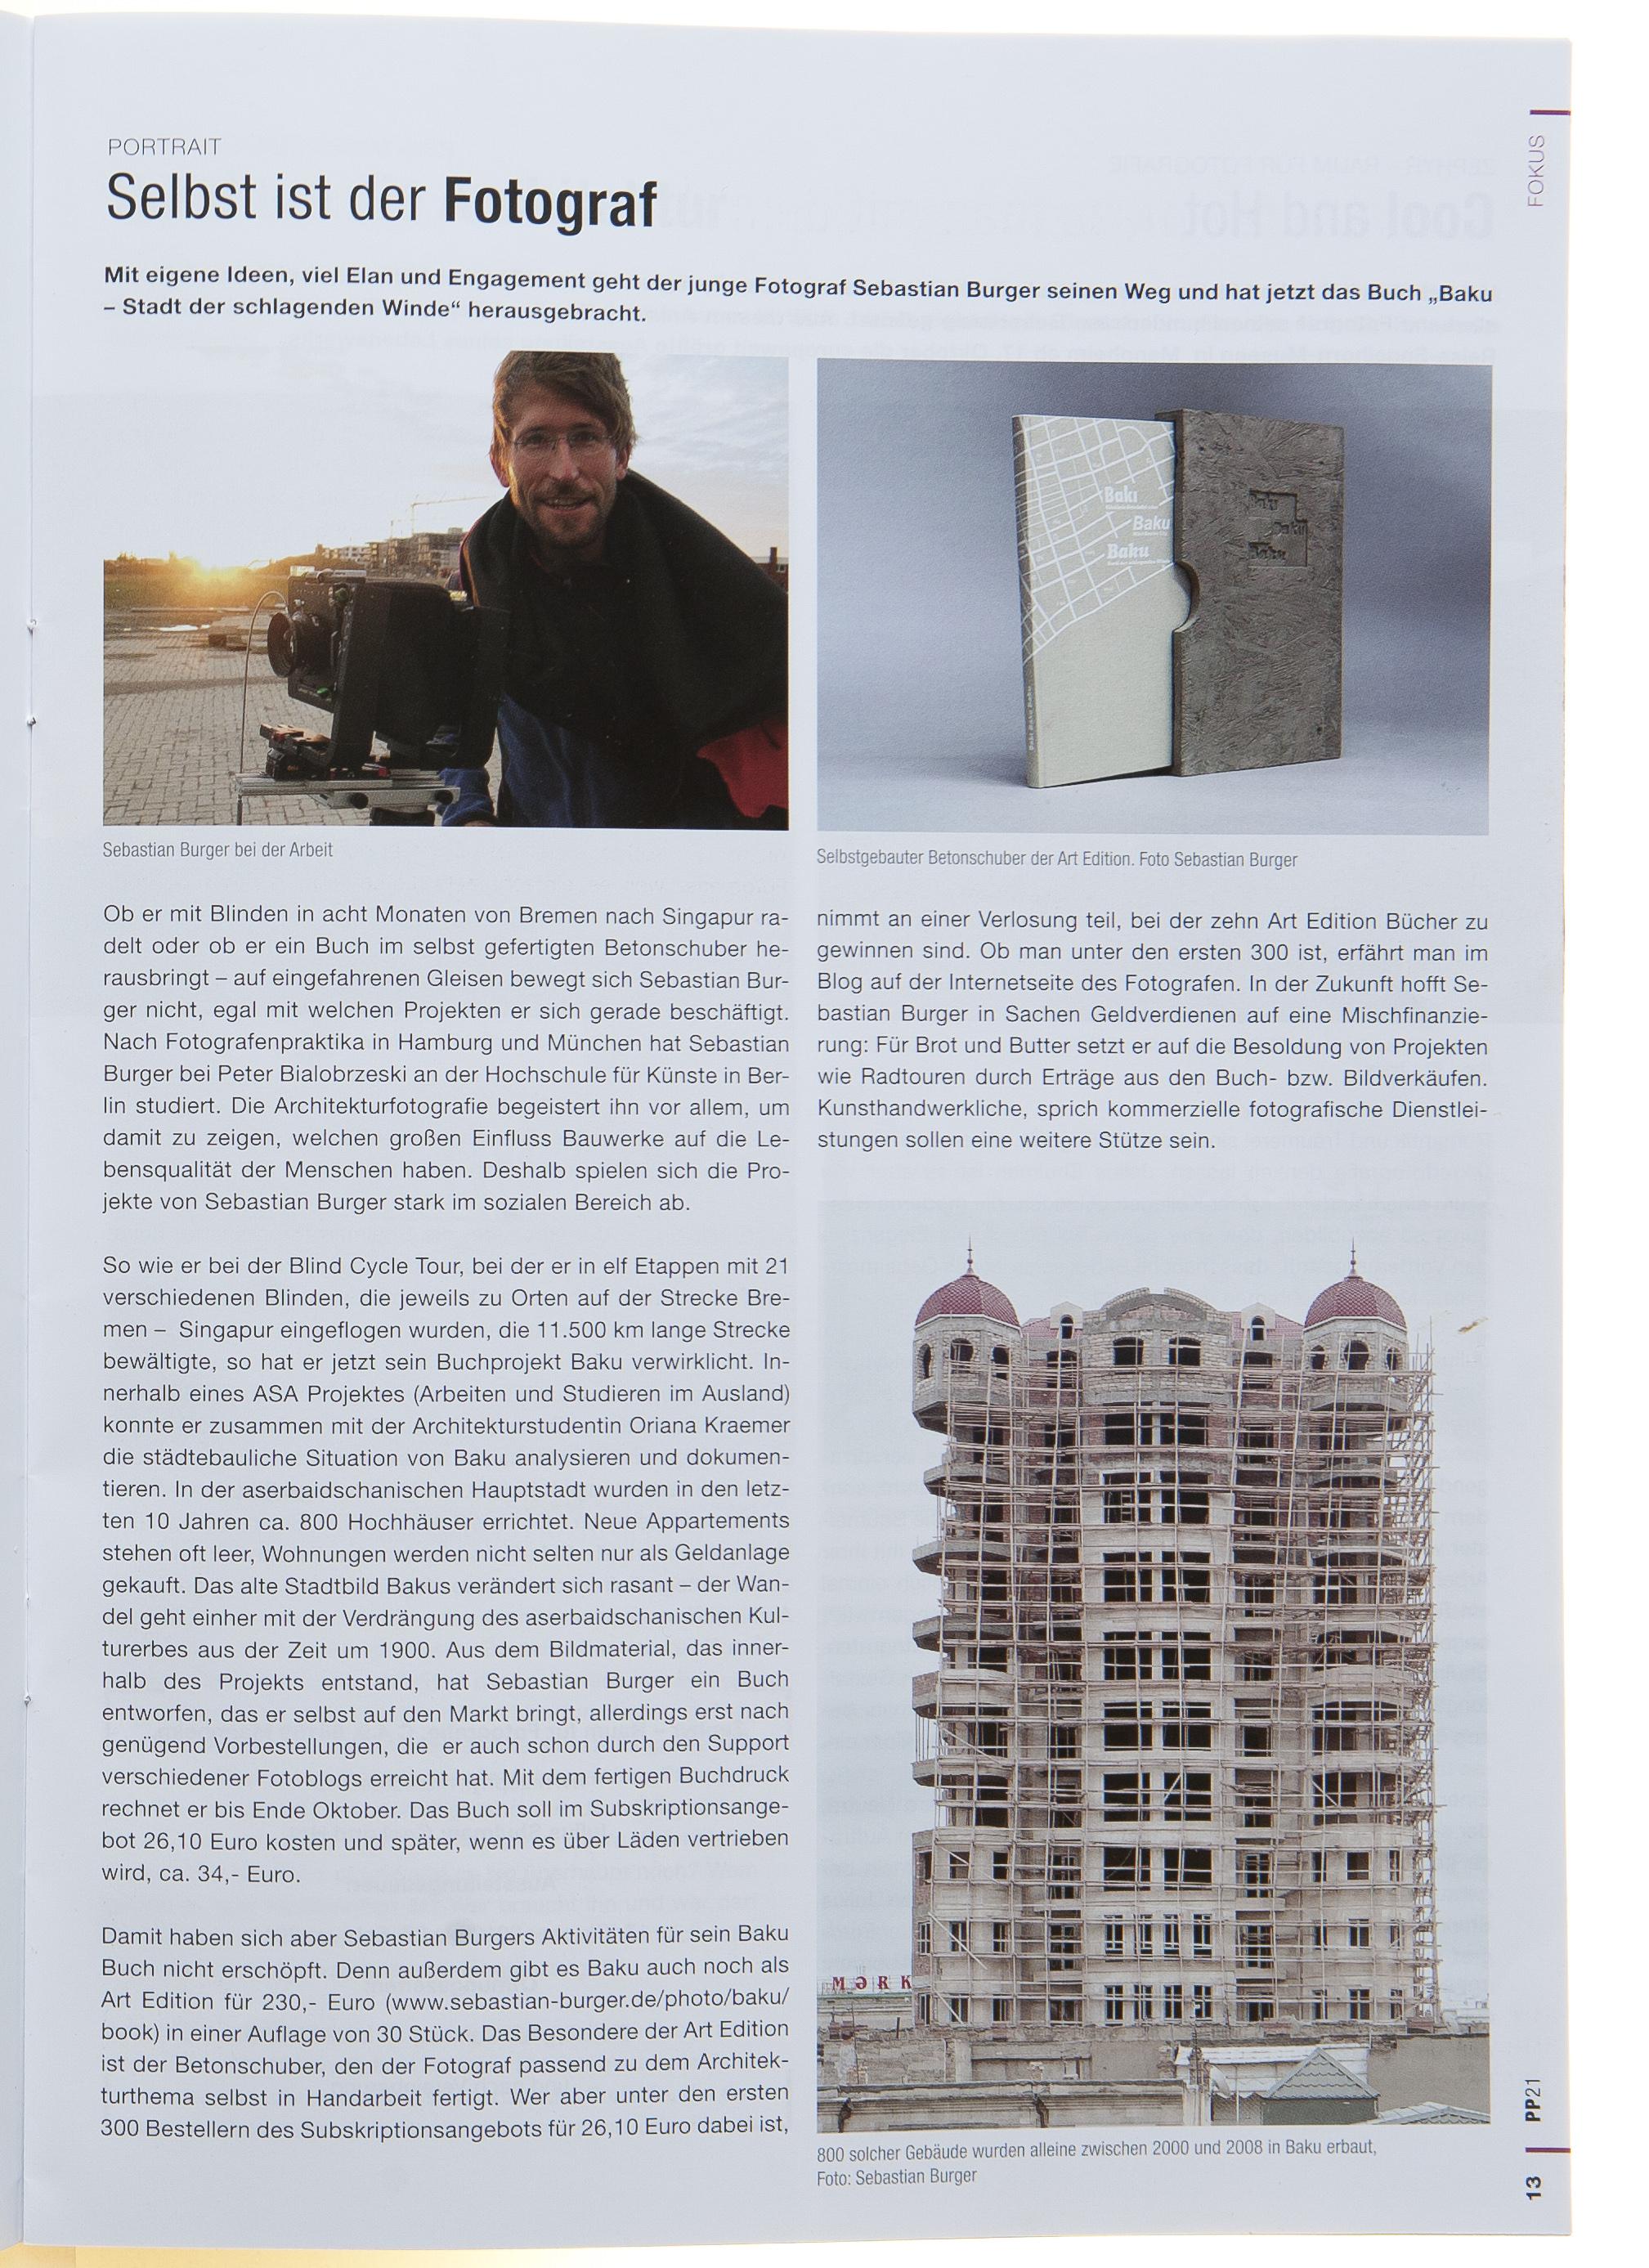 Photo Presse vom 14. Oktober 2010 über den Buchfinanzierungsprozeß